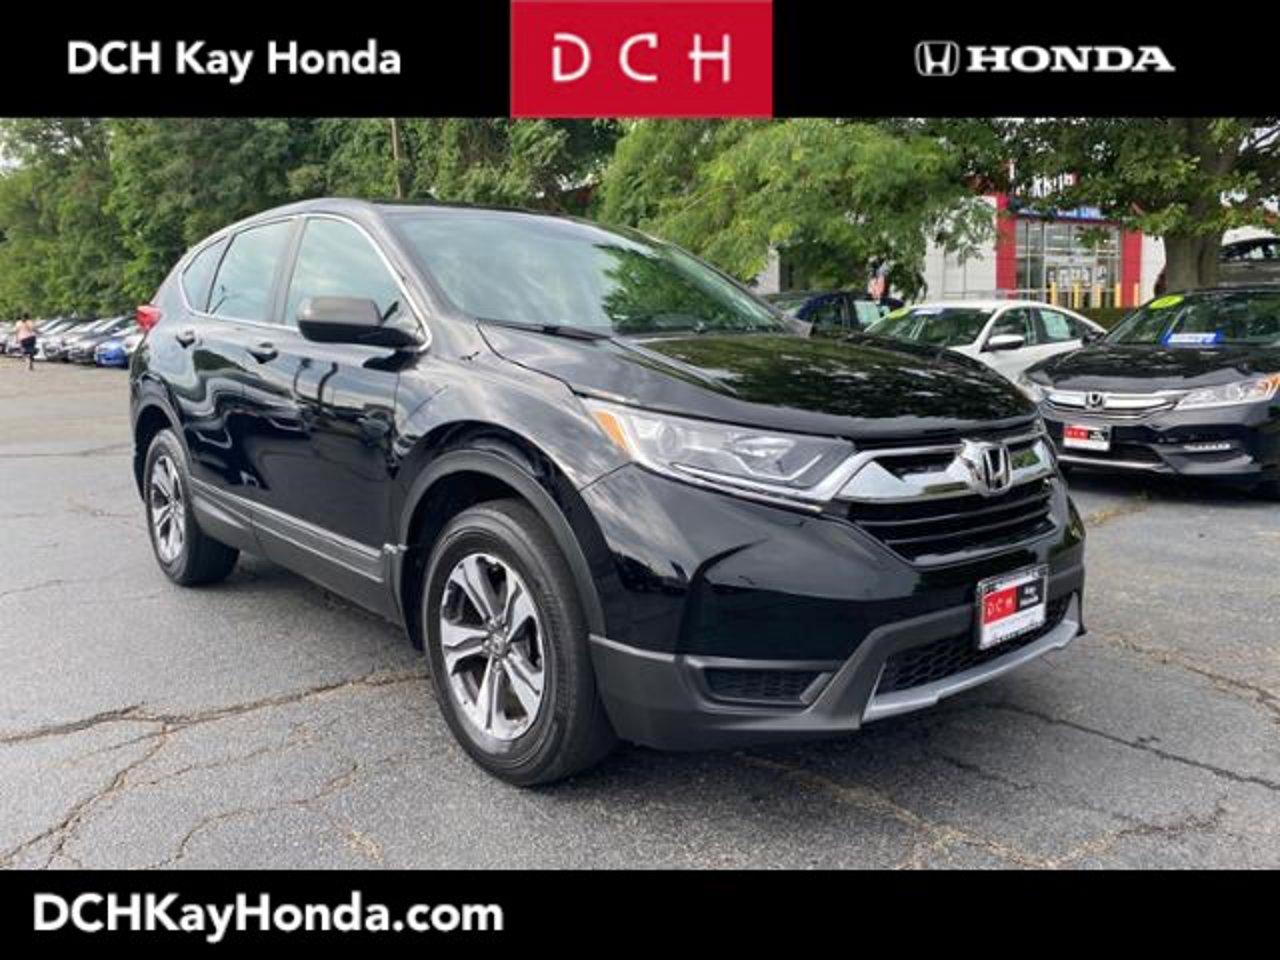 Used 2017 Honda CR-V in Eatontown, NJ